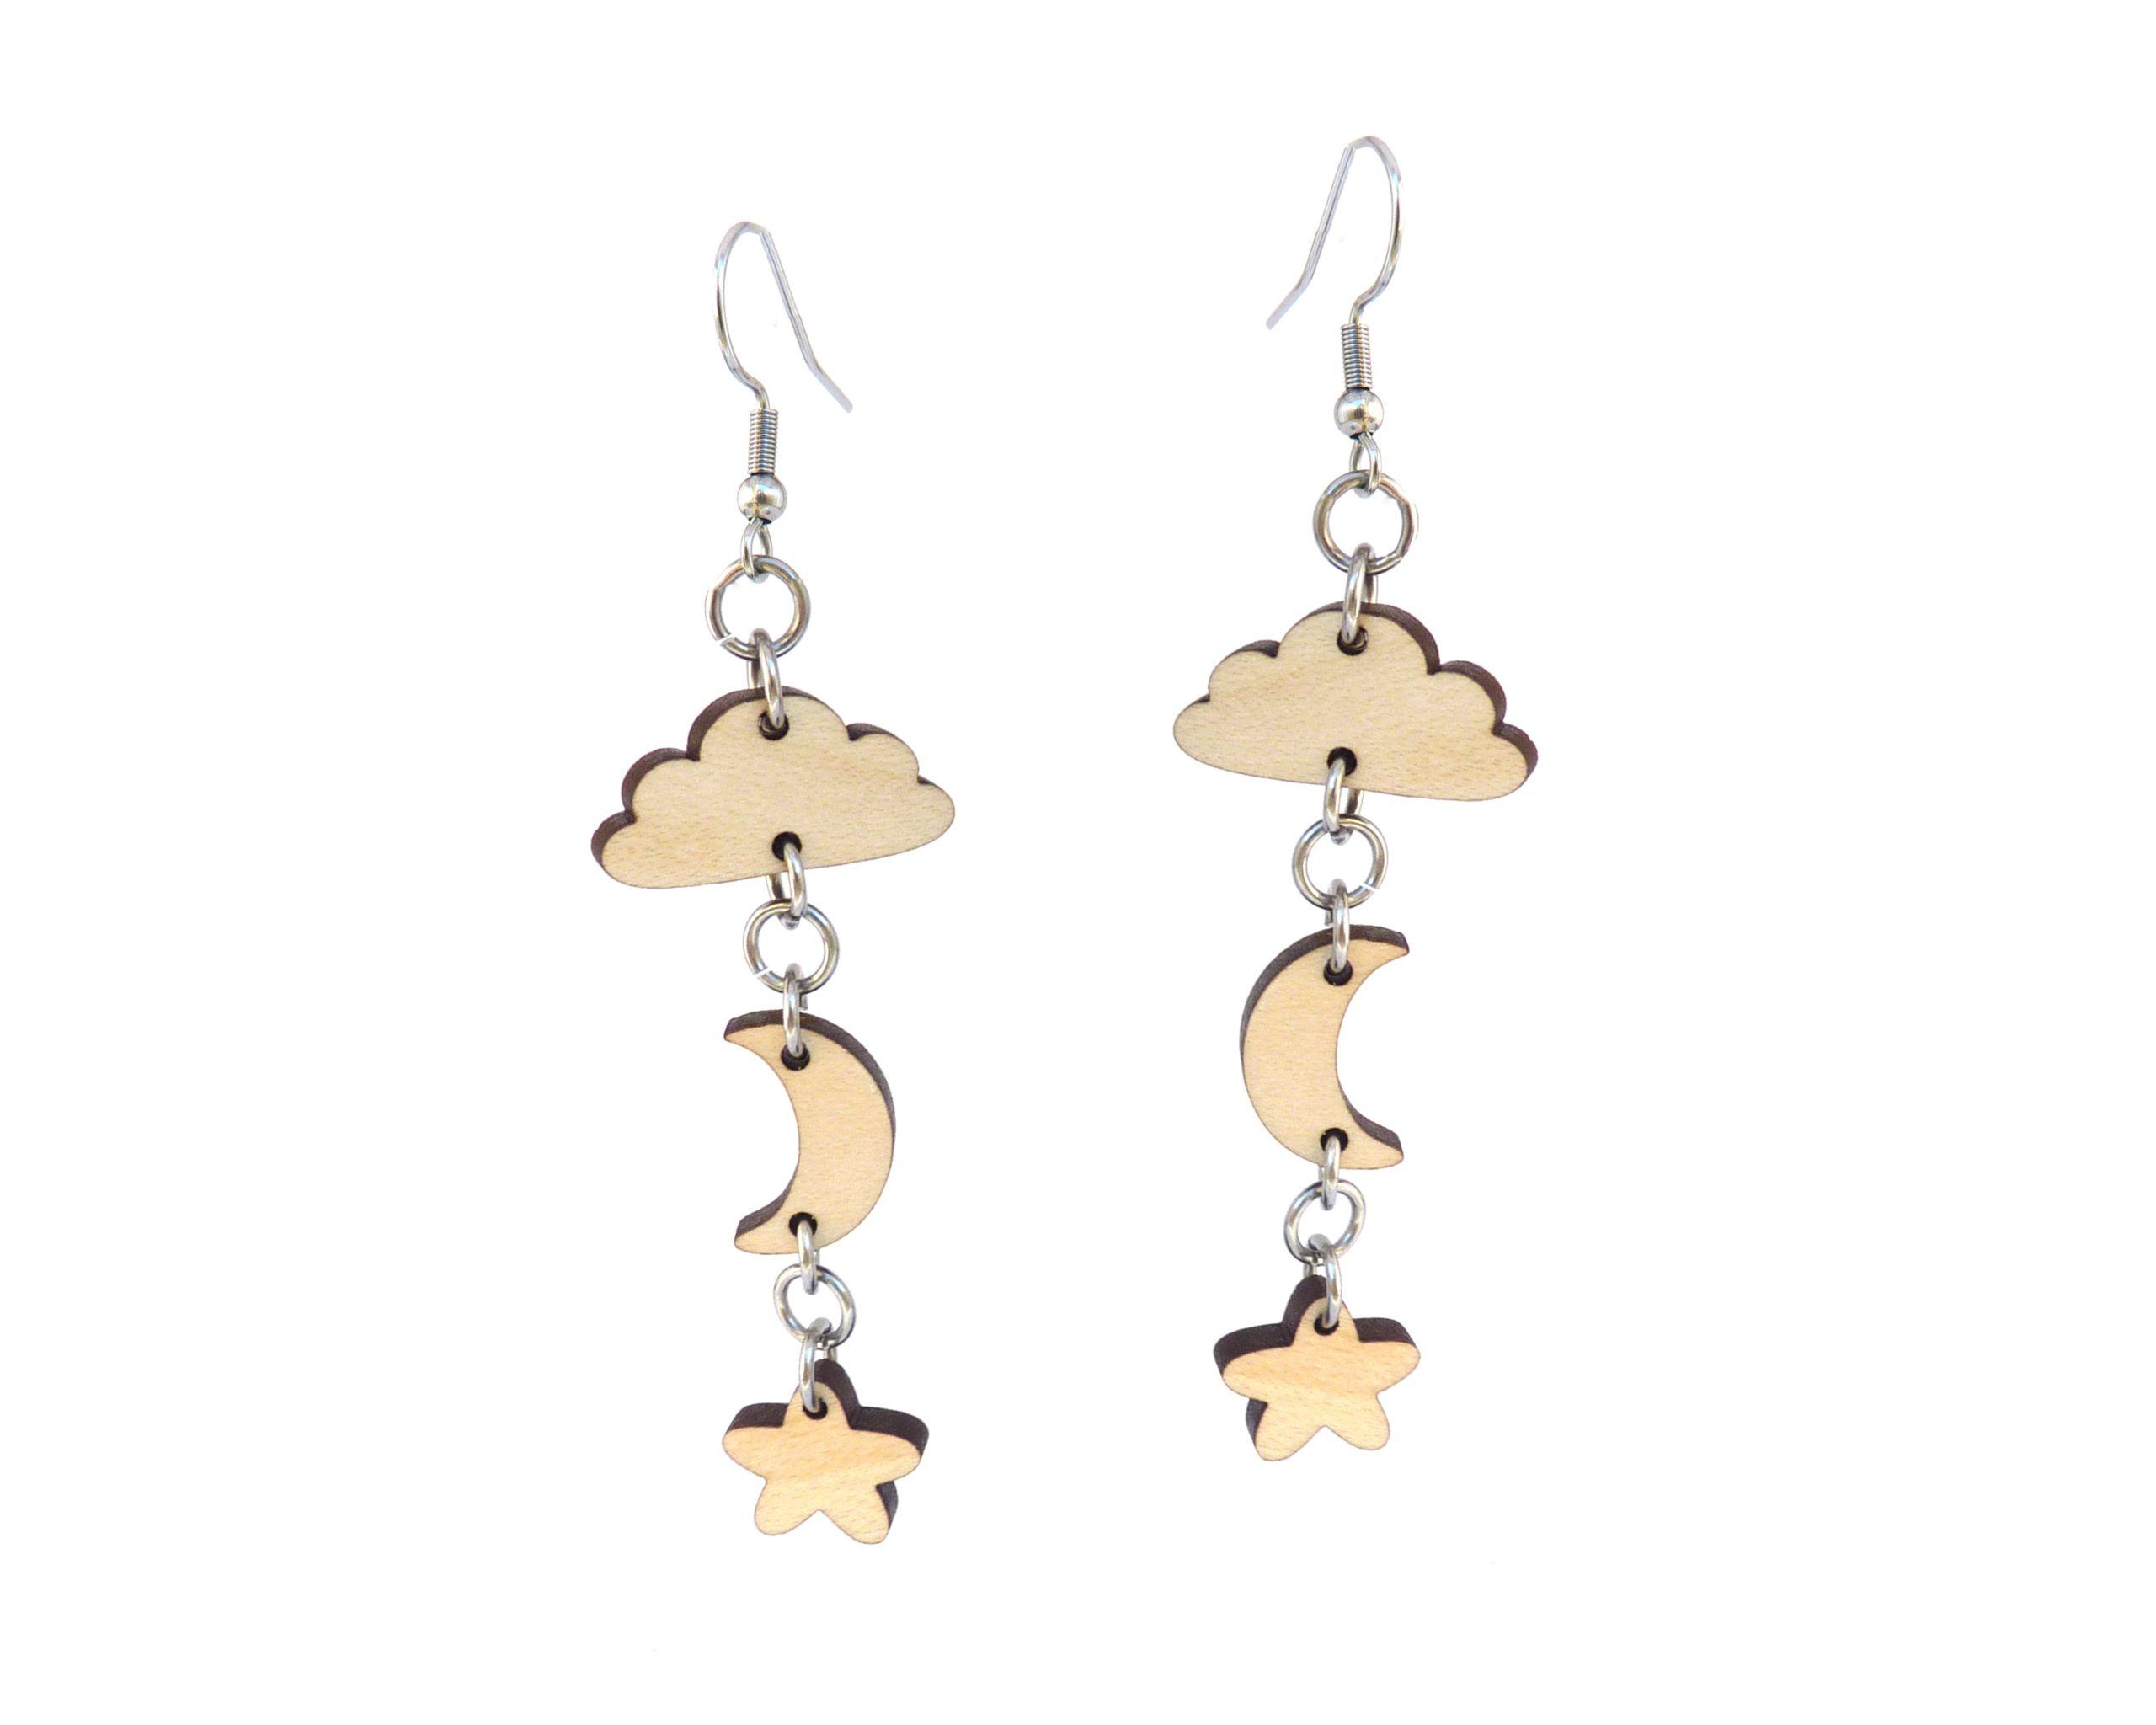 Celestial Wood Drop Chain Earrings